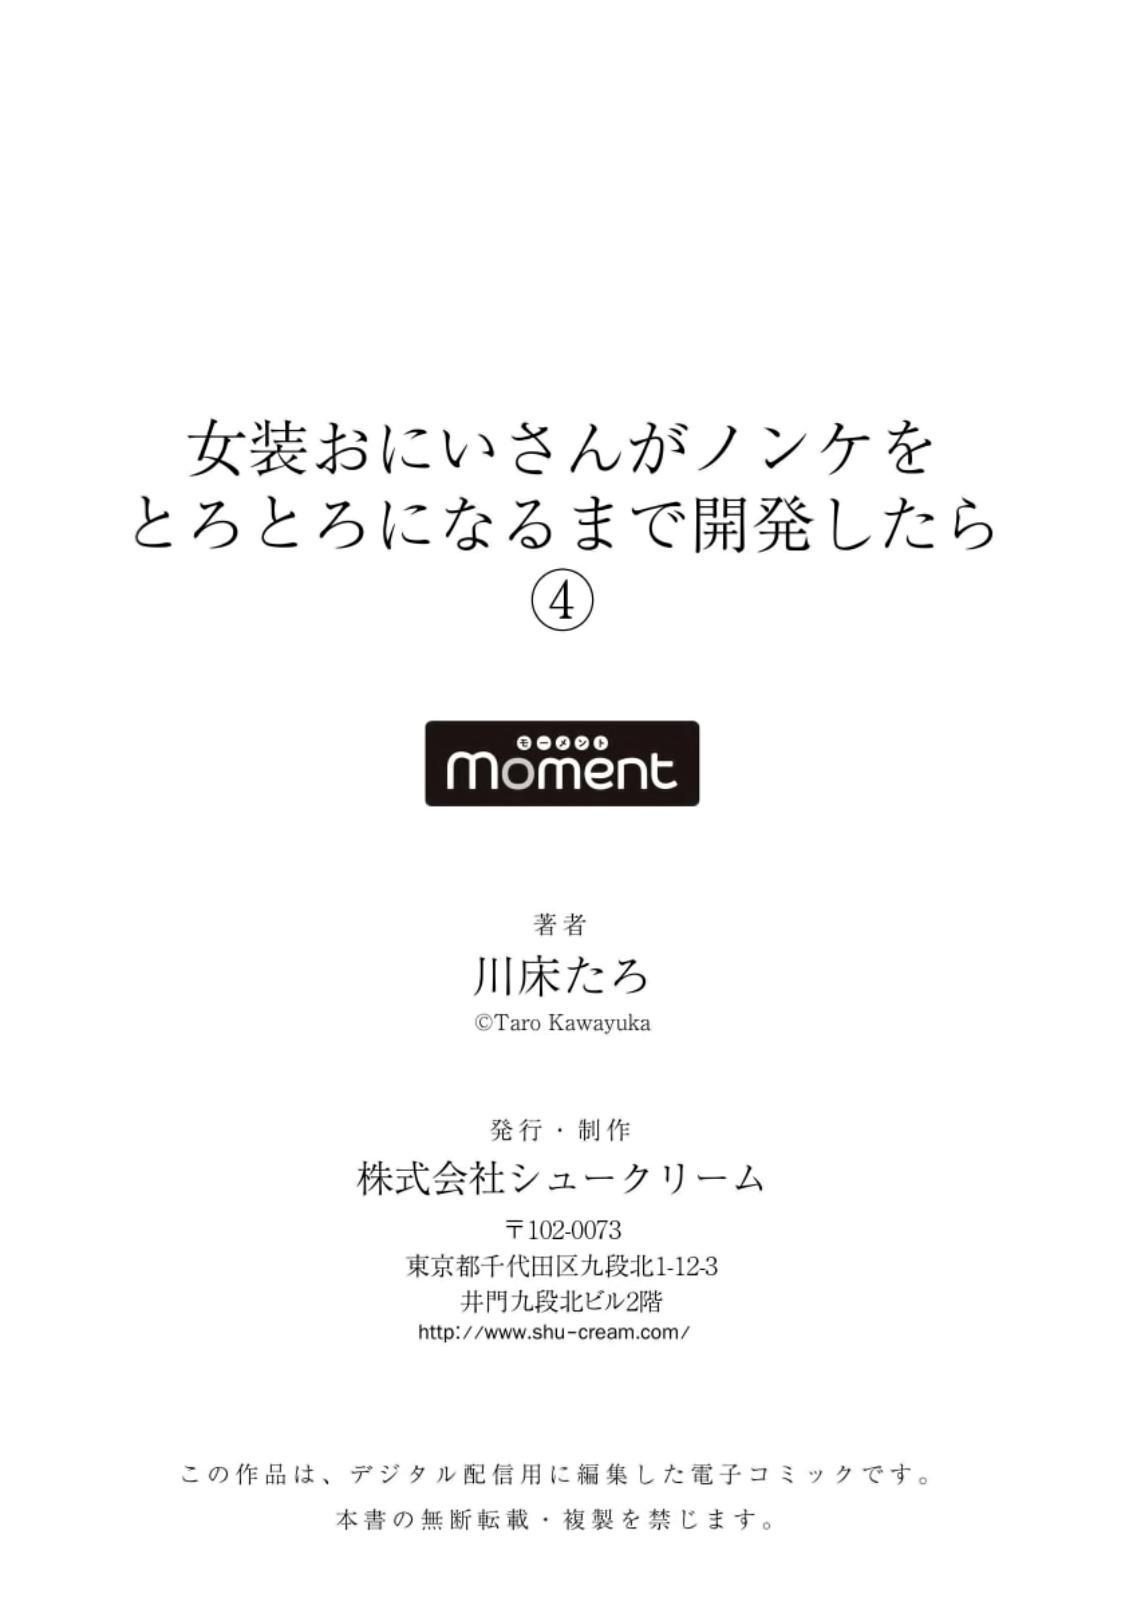 Josou Onii-san ga Nonke o Torotoro ni Naru made Kaihatsu Shitara 4 丨女裝大哥哥把直男黏糊糊的地方開發了的話 只靠後面高潮的樣子讓我看看吧 4 27